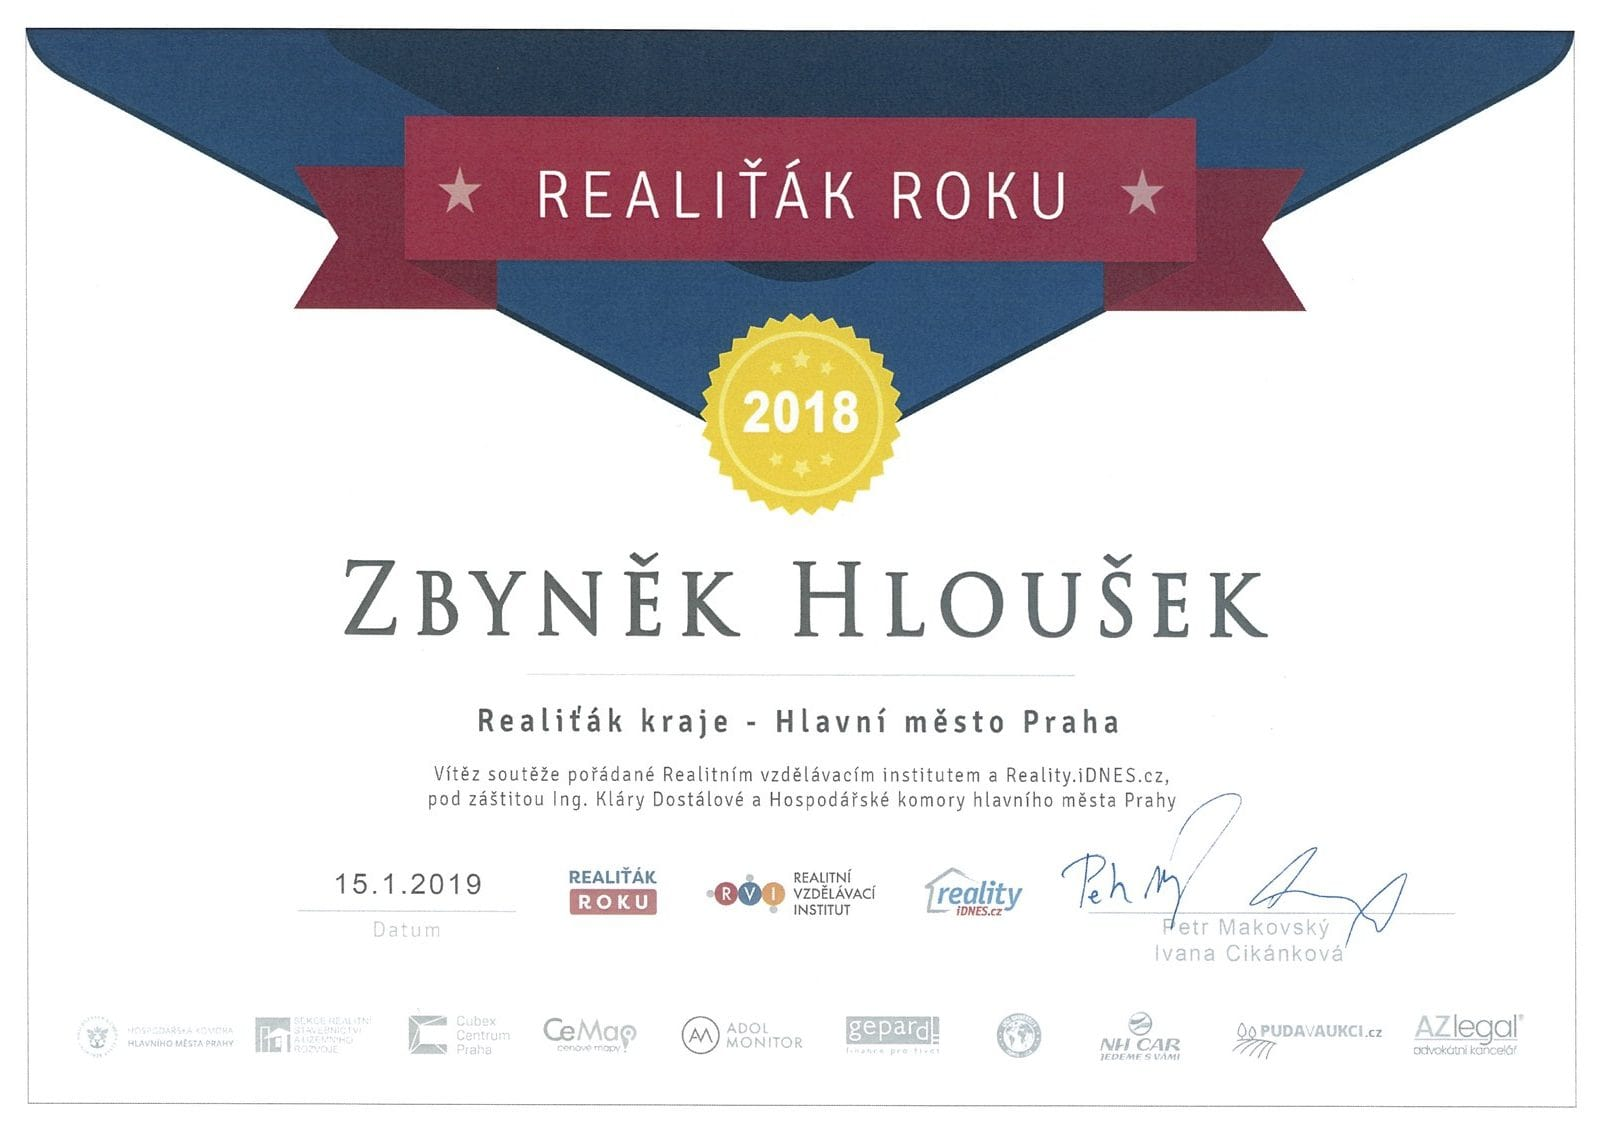 Nejlepší realitní makléř na prodej bytu v Praze - realitní makléř roku Hloušek